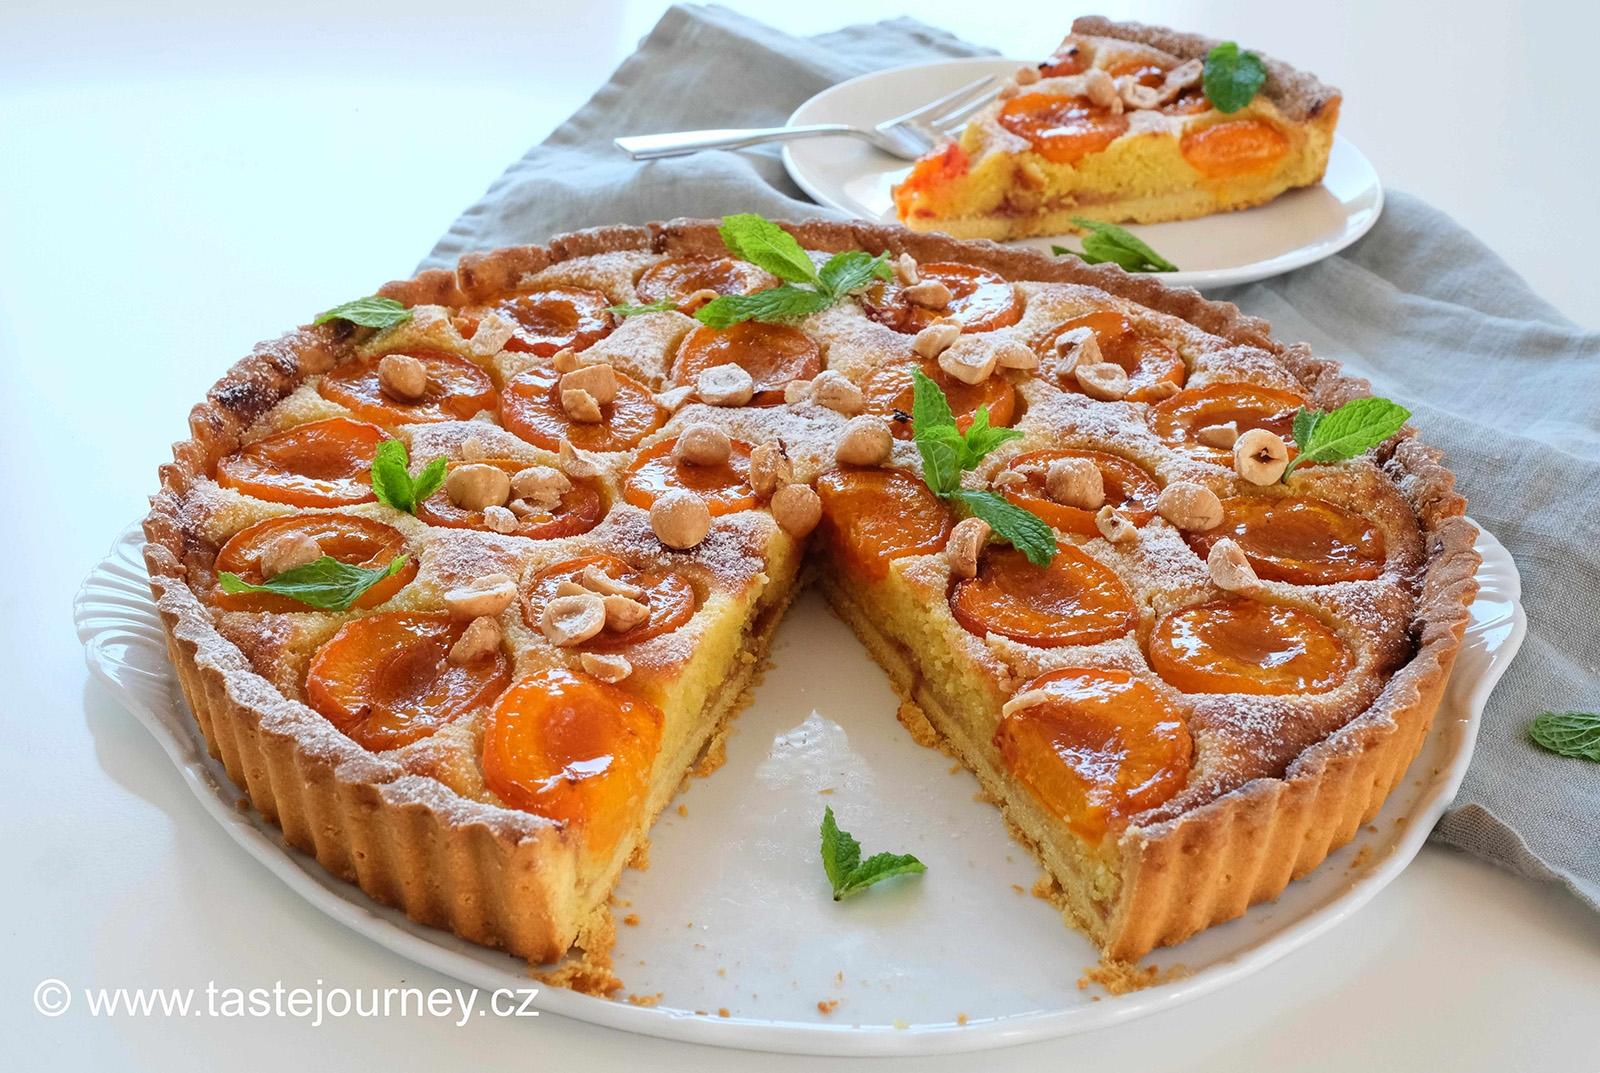 Těsto na  koláč je křehké a mandlovou náplní